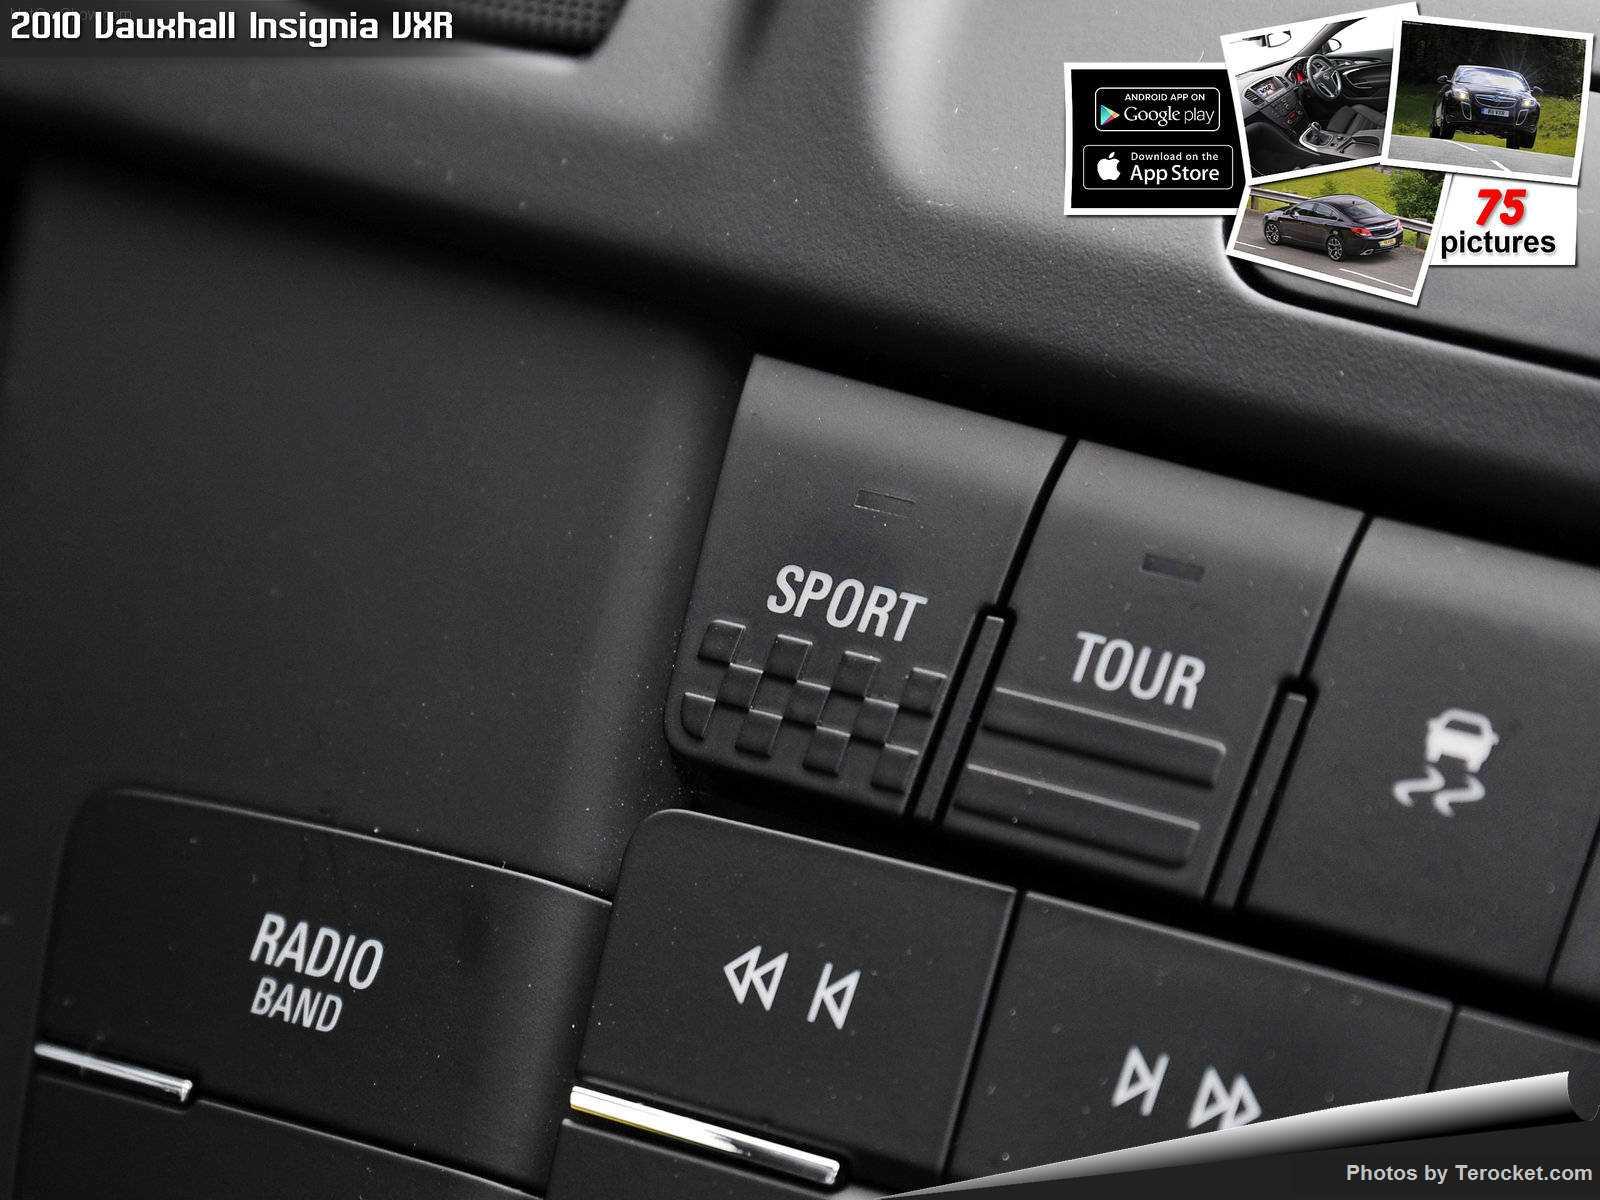 Hình ảnh xe ô tô Vauxhall Insignia VXR 2010 & nội ngoại thất